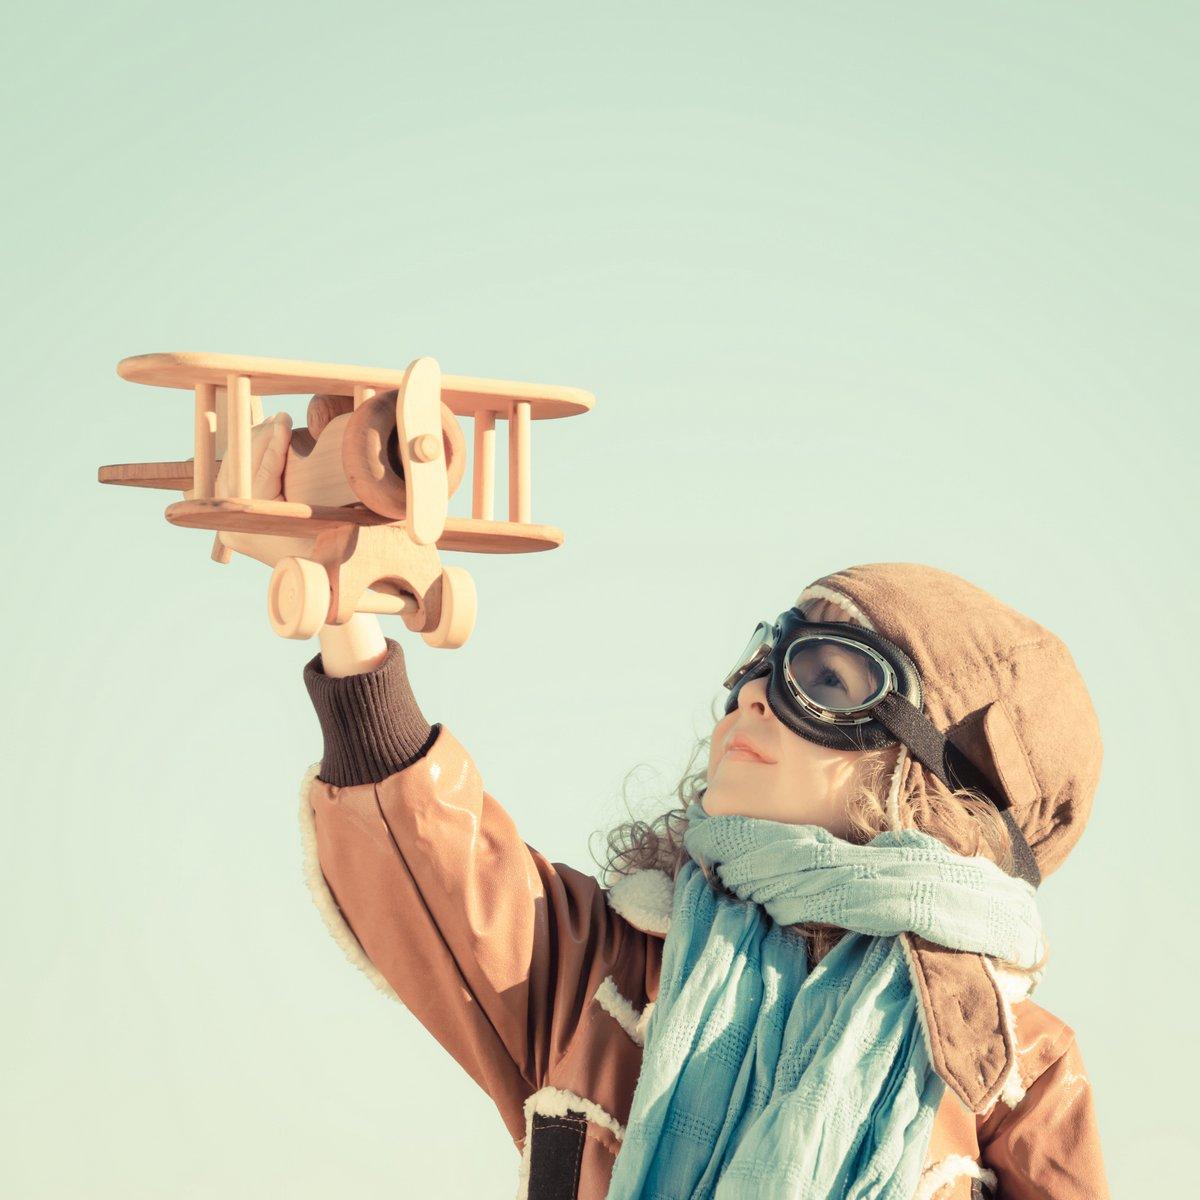 Постер Счастливый малыш играет с игрушкой самолетДети<br>Постер на холсте или бумаге. Любого нужного вам размера. В раме или без. Подвес в комплекте. Трехслойная надежная упаковка. Доставим в любую точку России. Вам осталось только повесить картину на стену!<br>